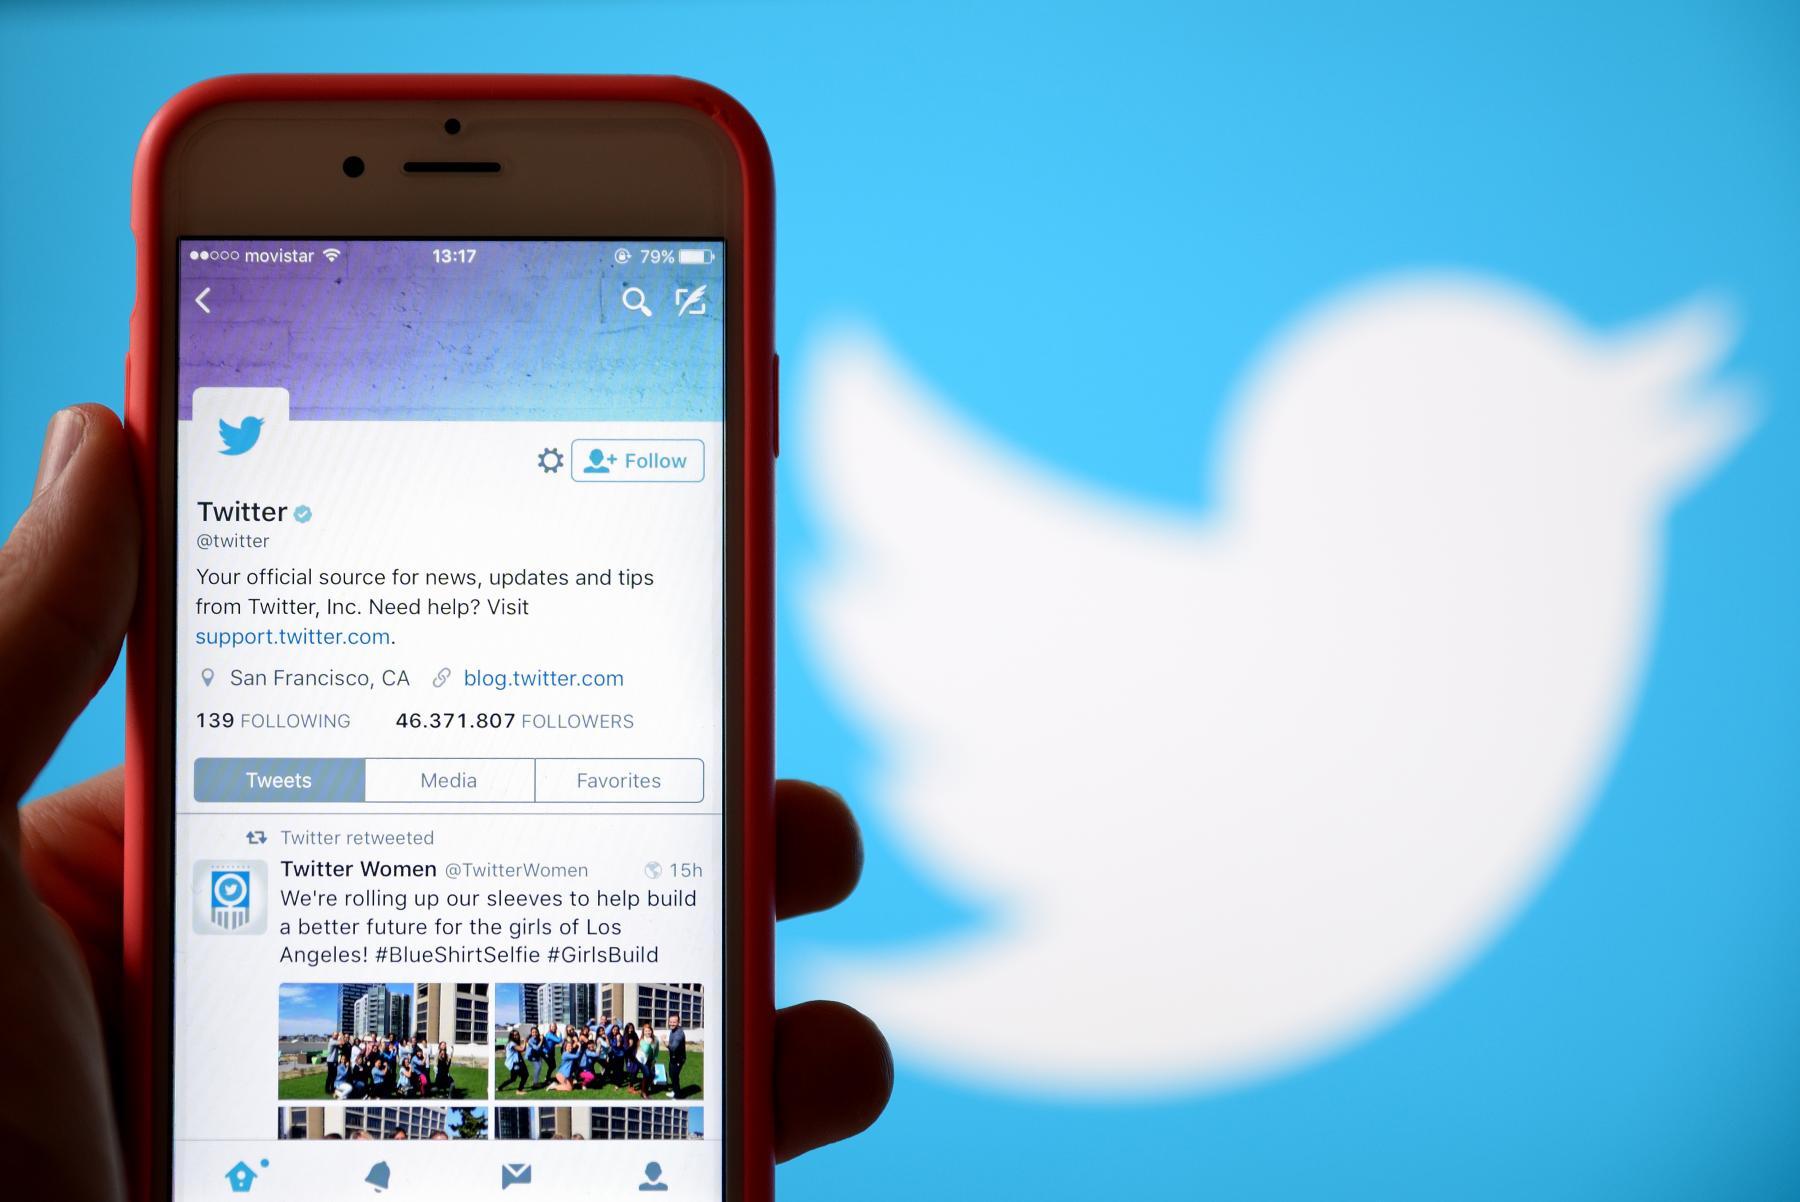 Los cinco tuits sobre APIs que más nos han gustado esta semana